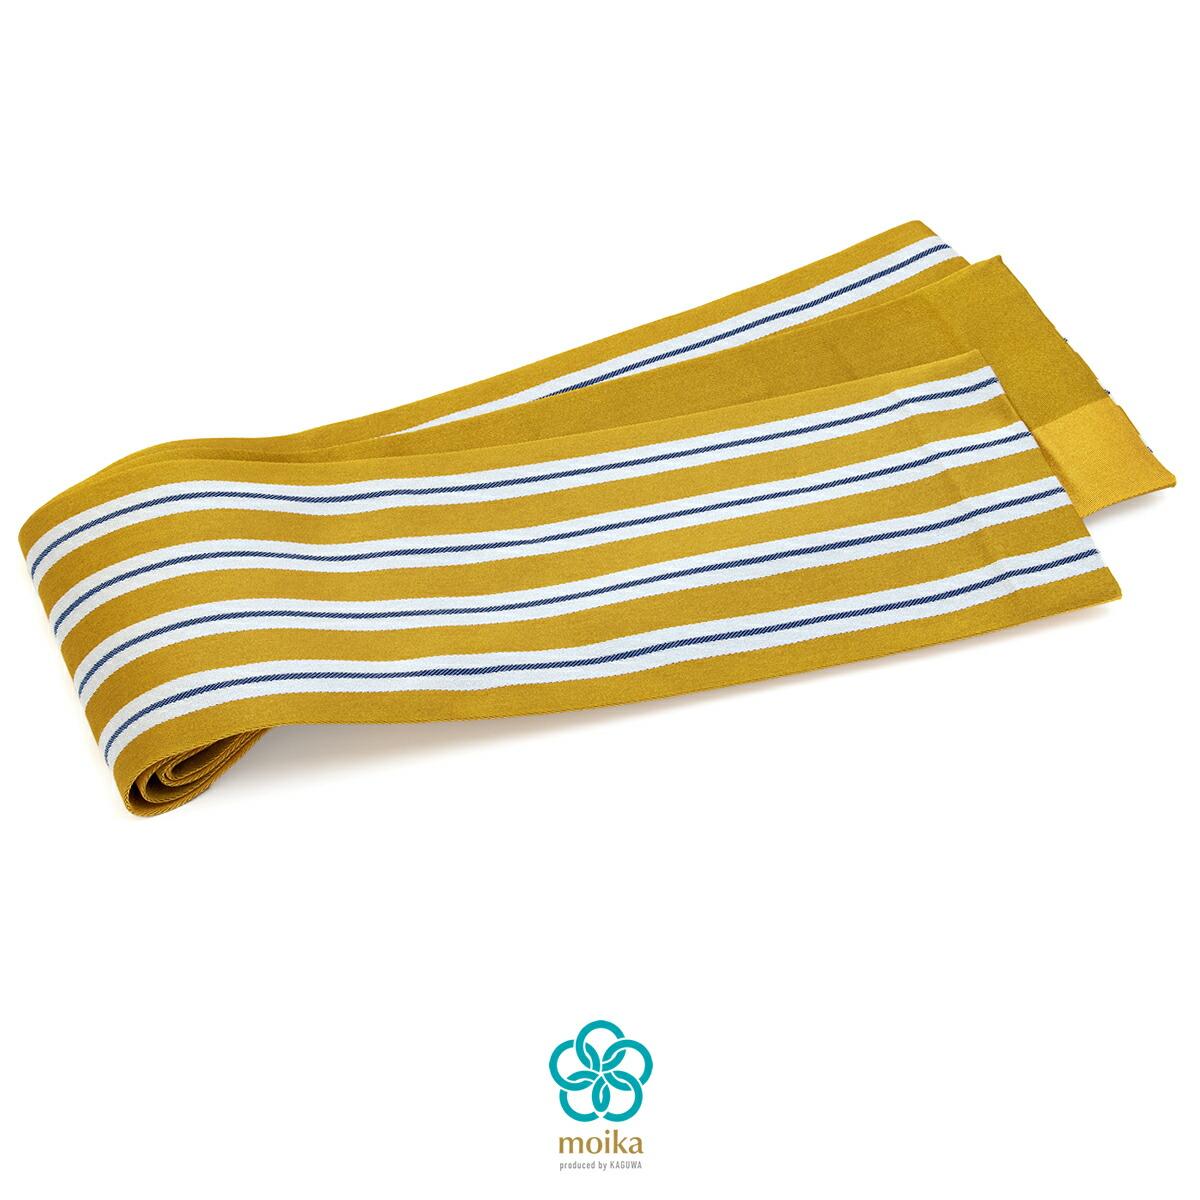 浴衣や夏着物にオススメな『moika』の半幅帯